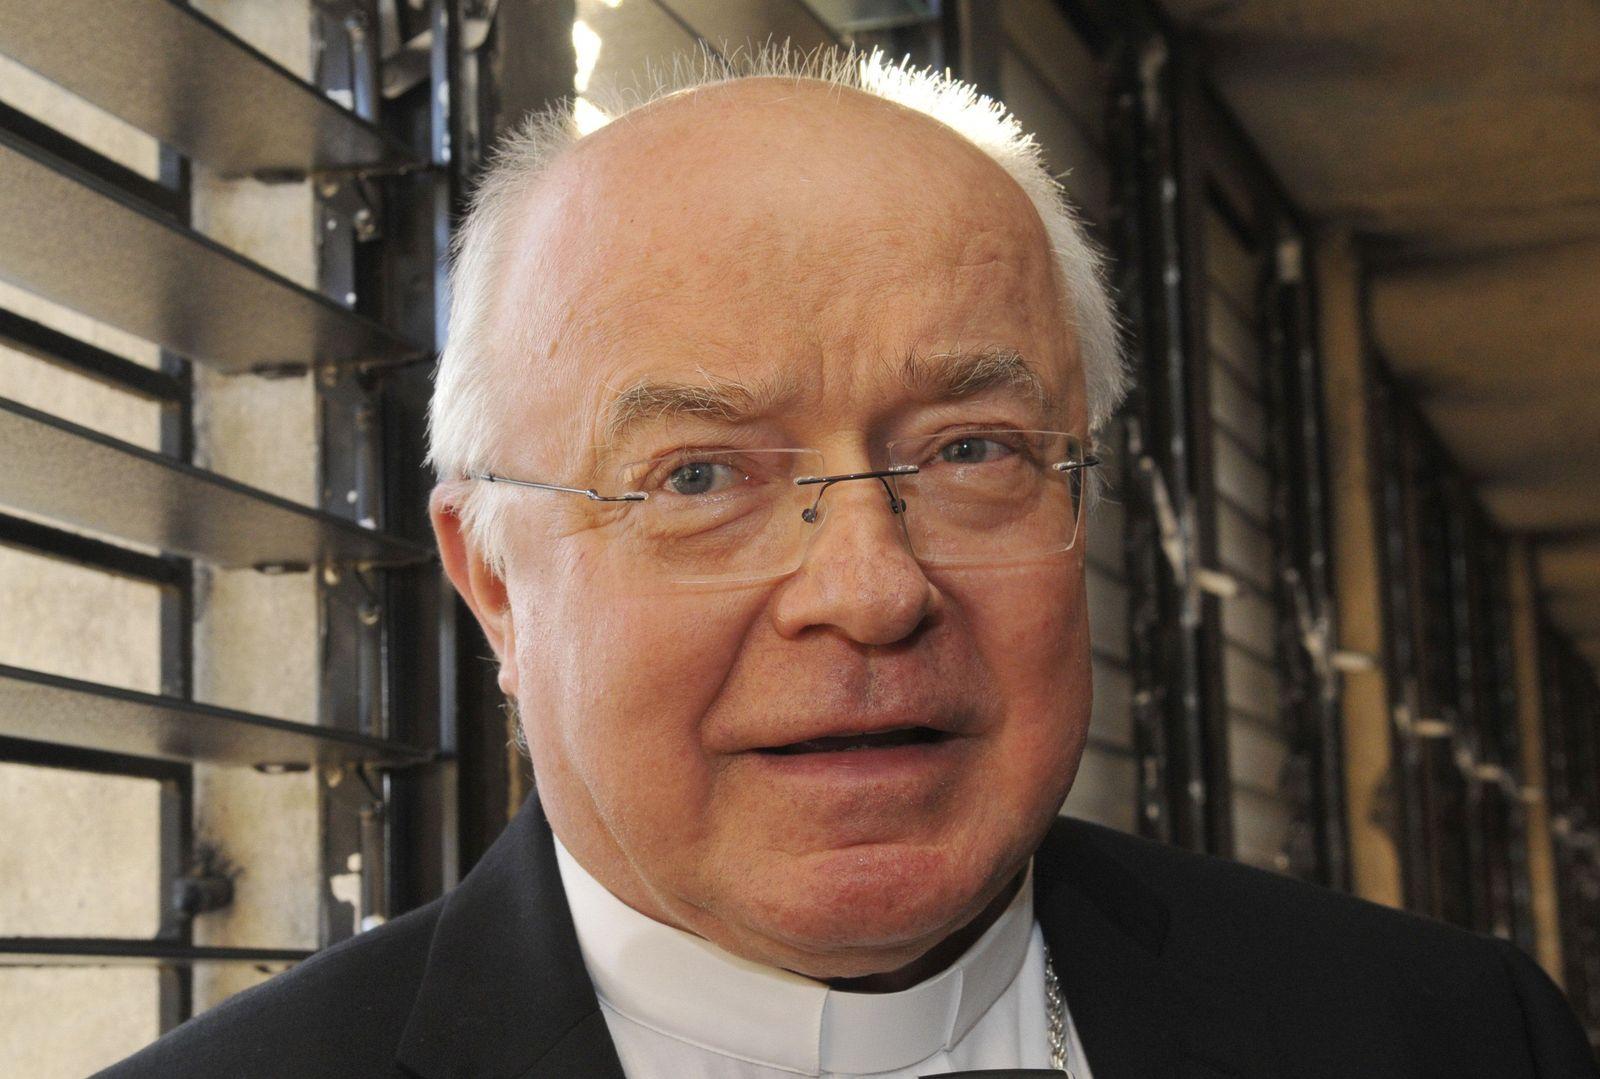 Josef Wesolowski